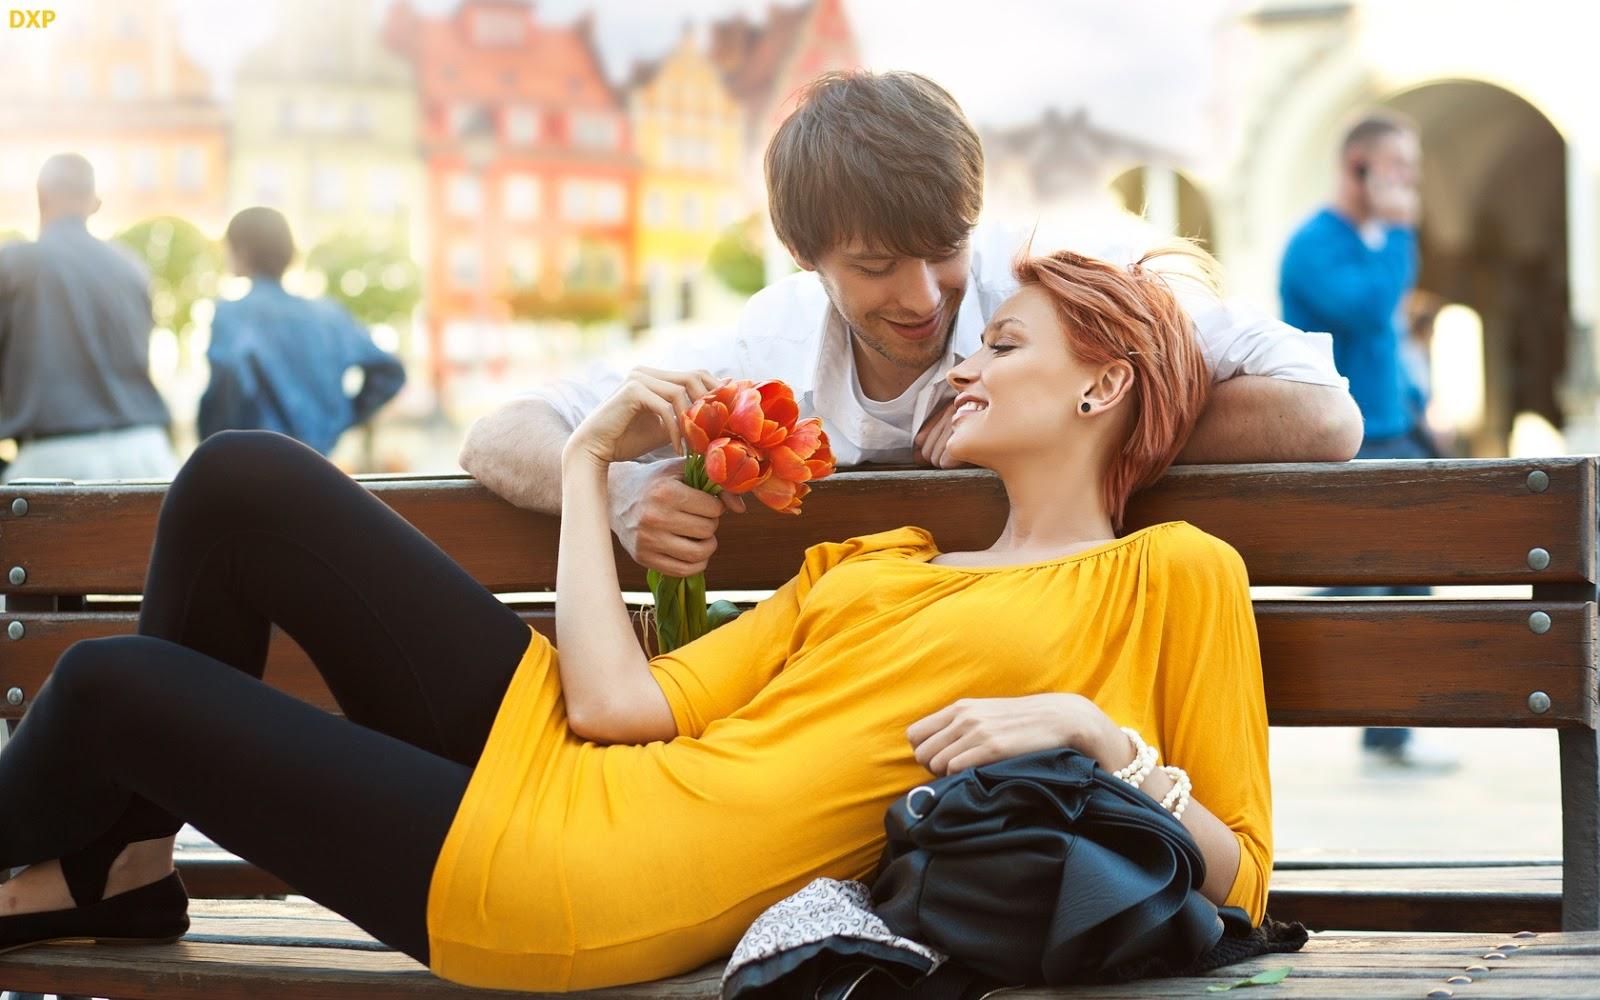 بالصور صور حلوه عن الحب , صور رومانسية حلوة 838 4